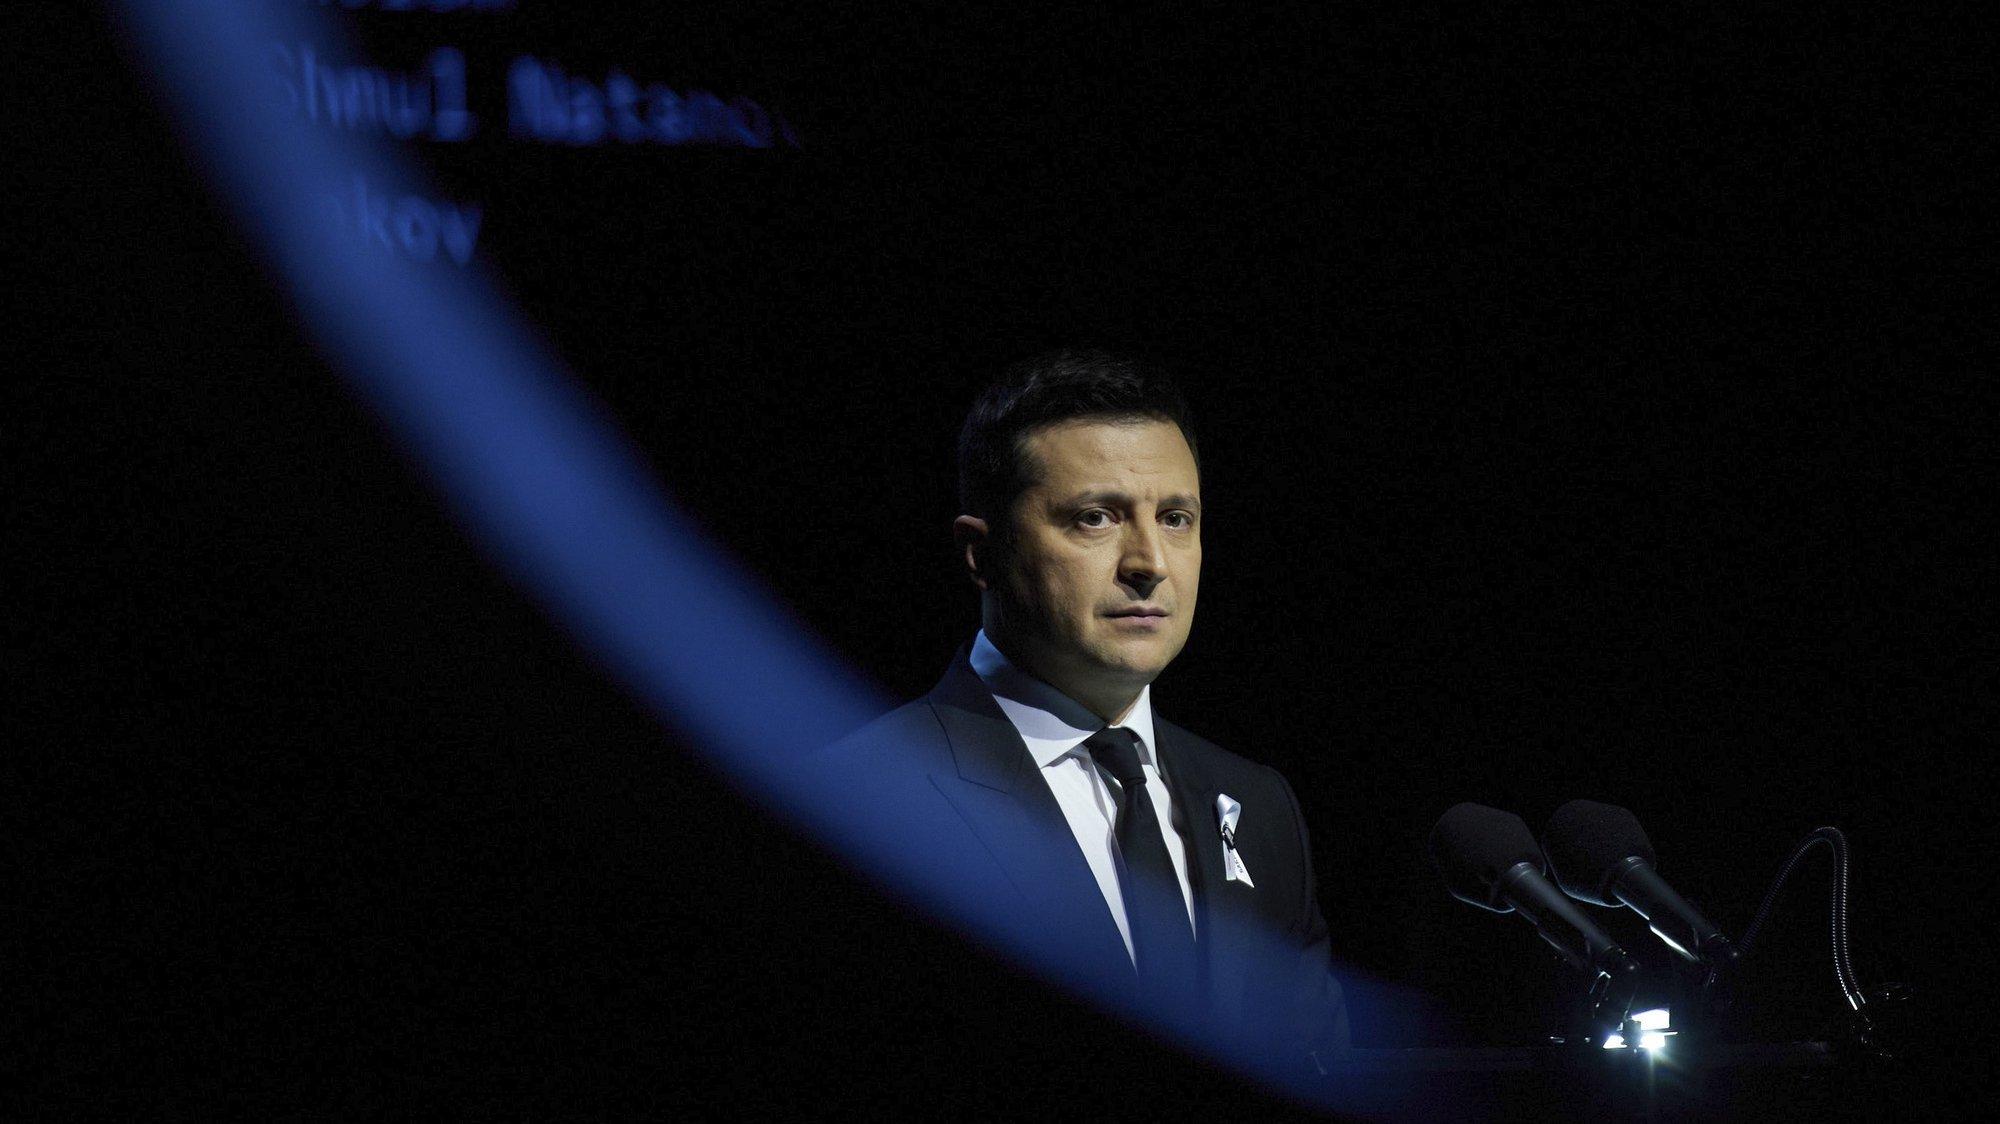 Presidente da Ucrânia Volodymyr Zelensky